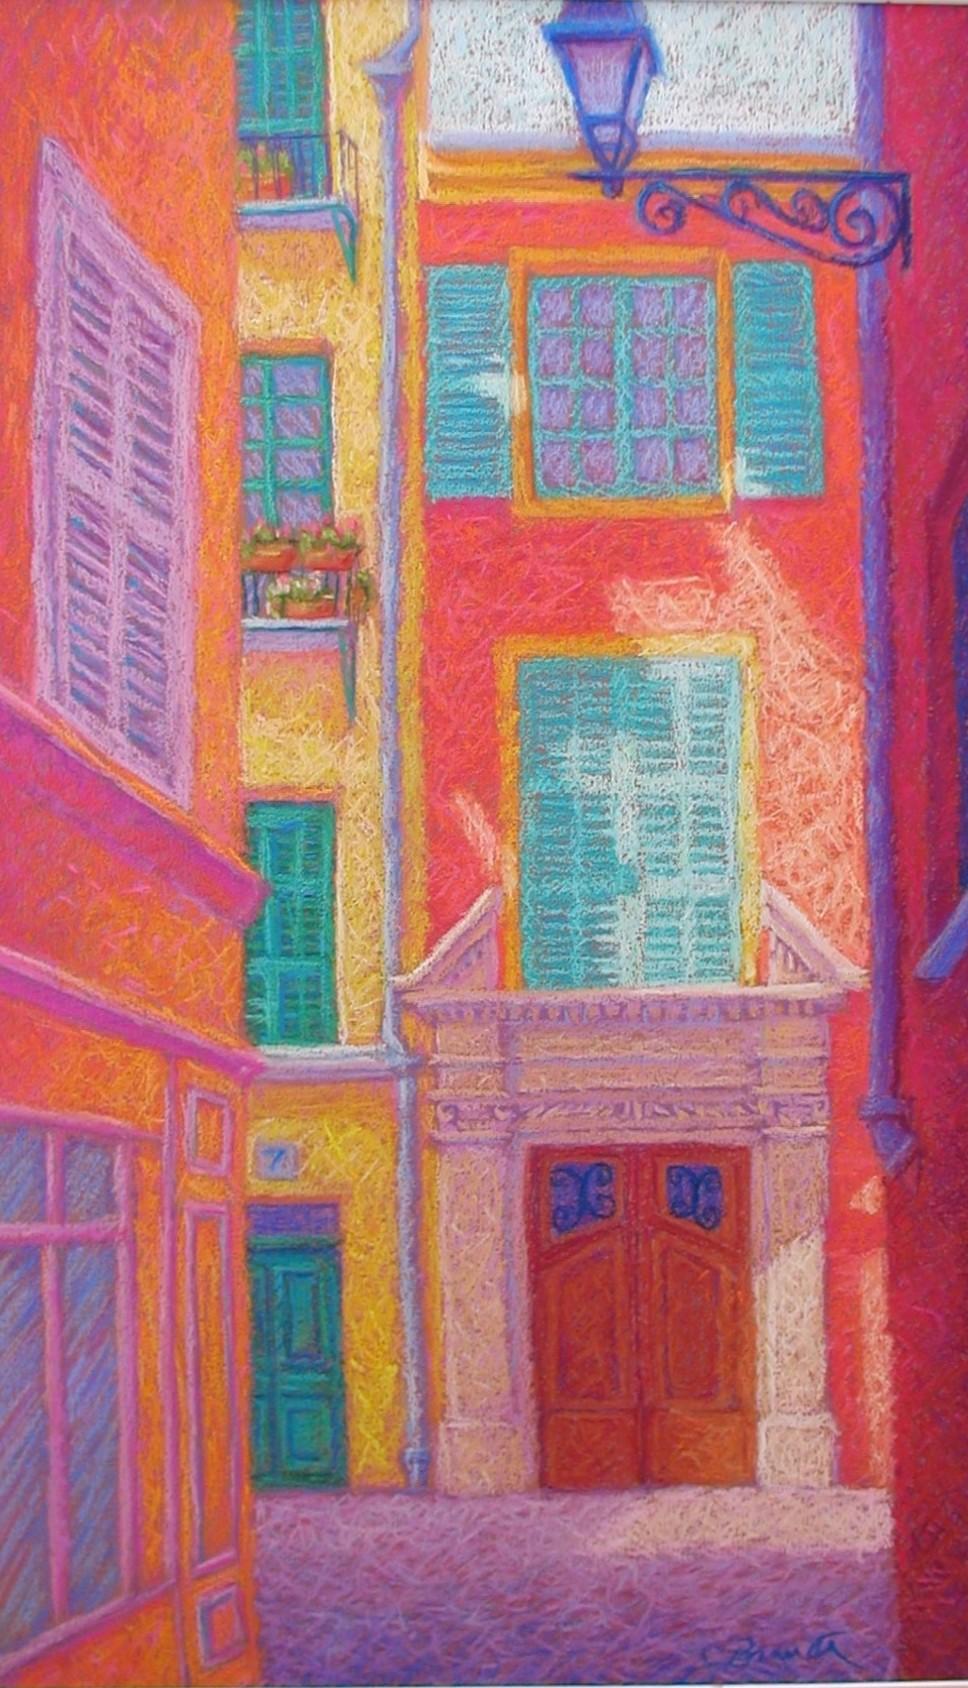 Rue de Gesu,Nice 16x26 inches,pastel/paper